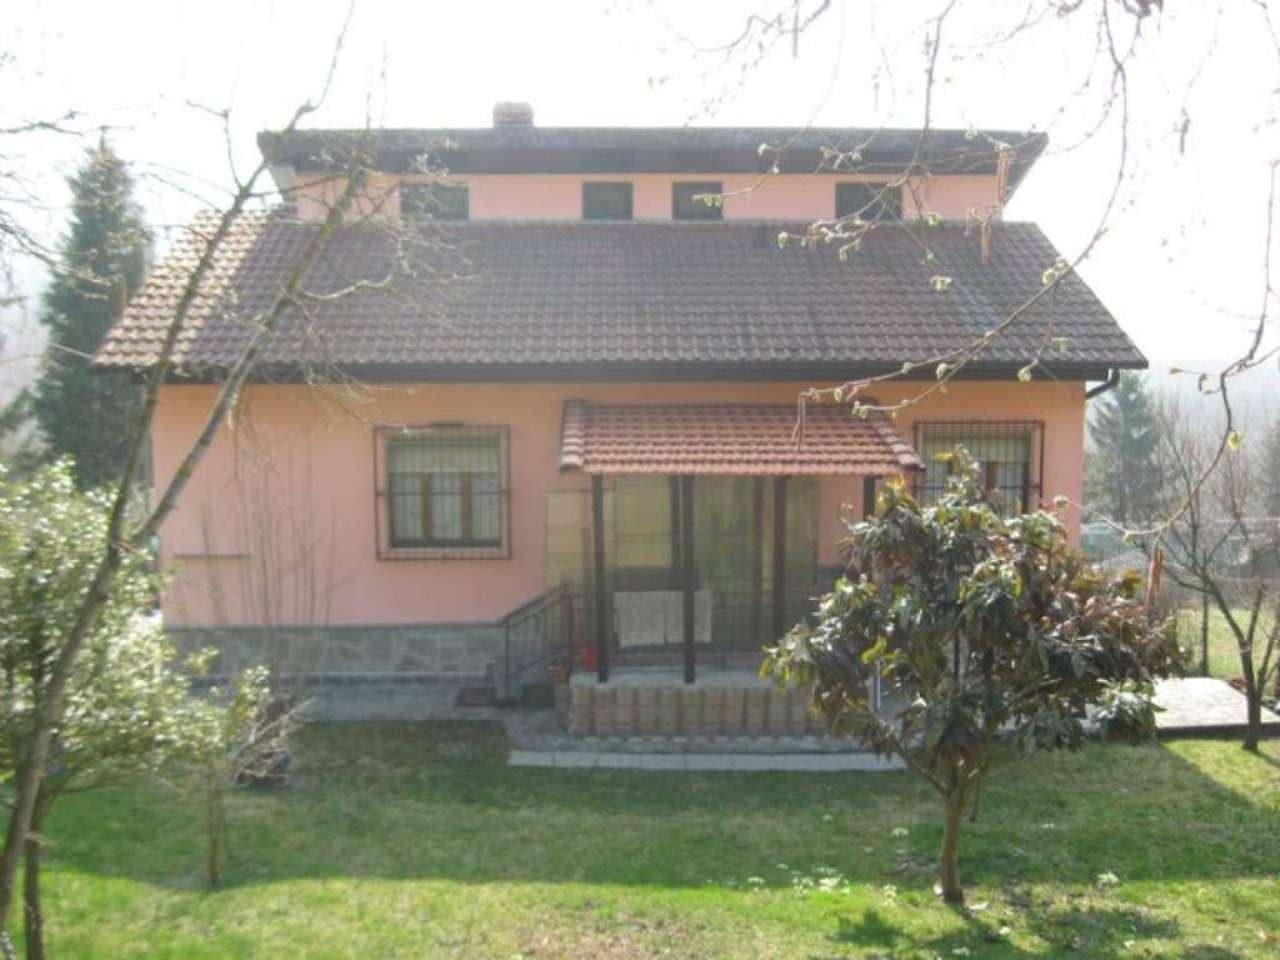 Villa in vendita a Cocconato, 15 locali, prezzo € 180.000 | CambioCasa.it